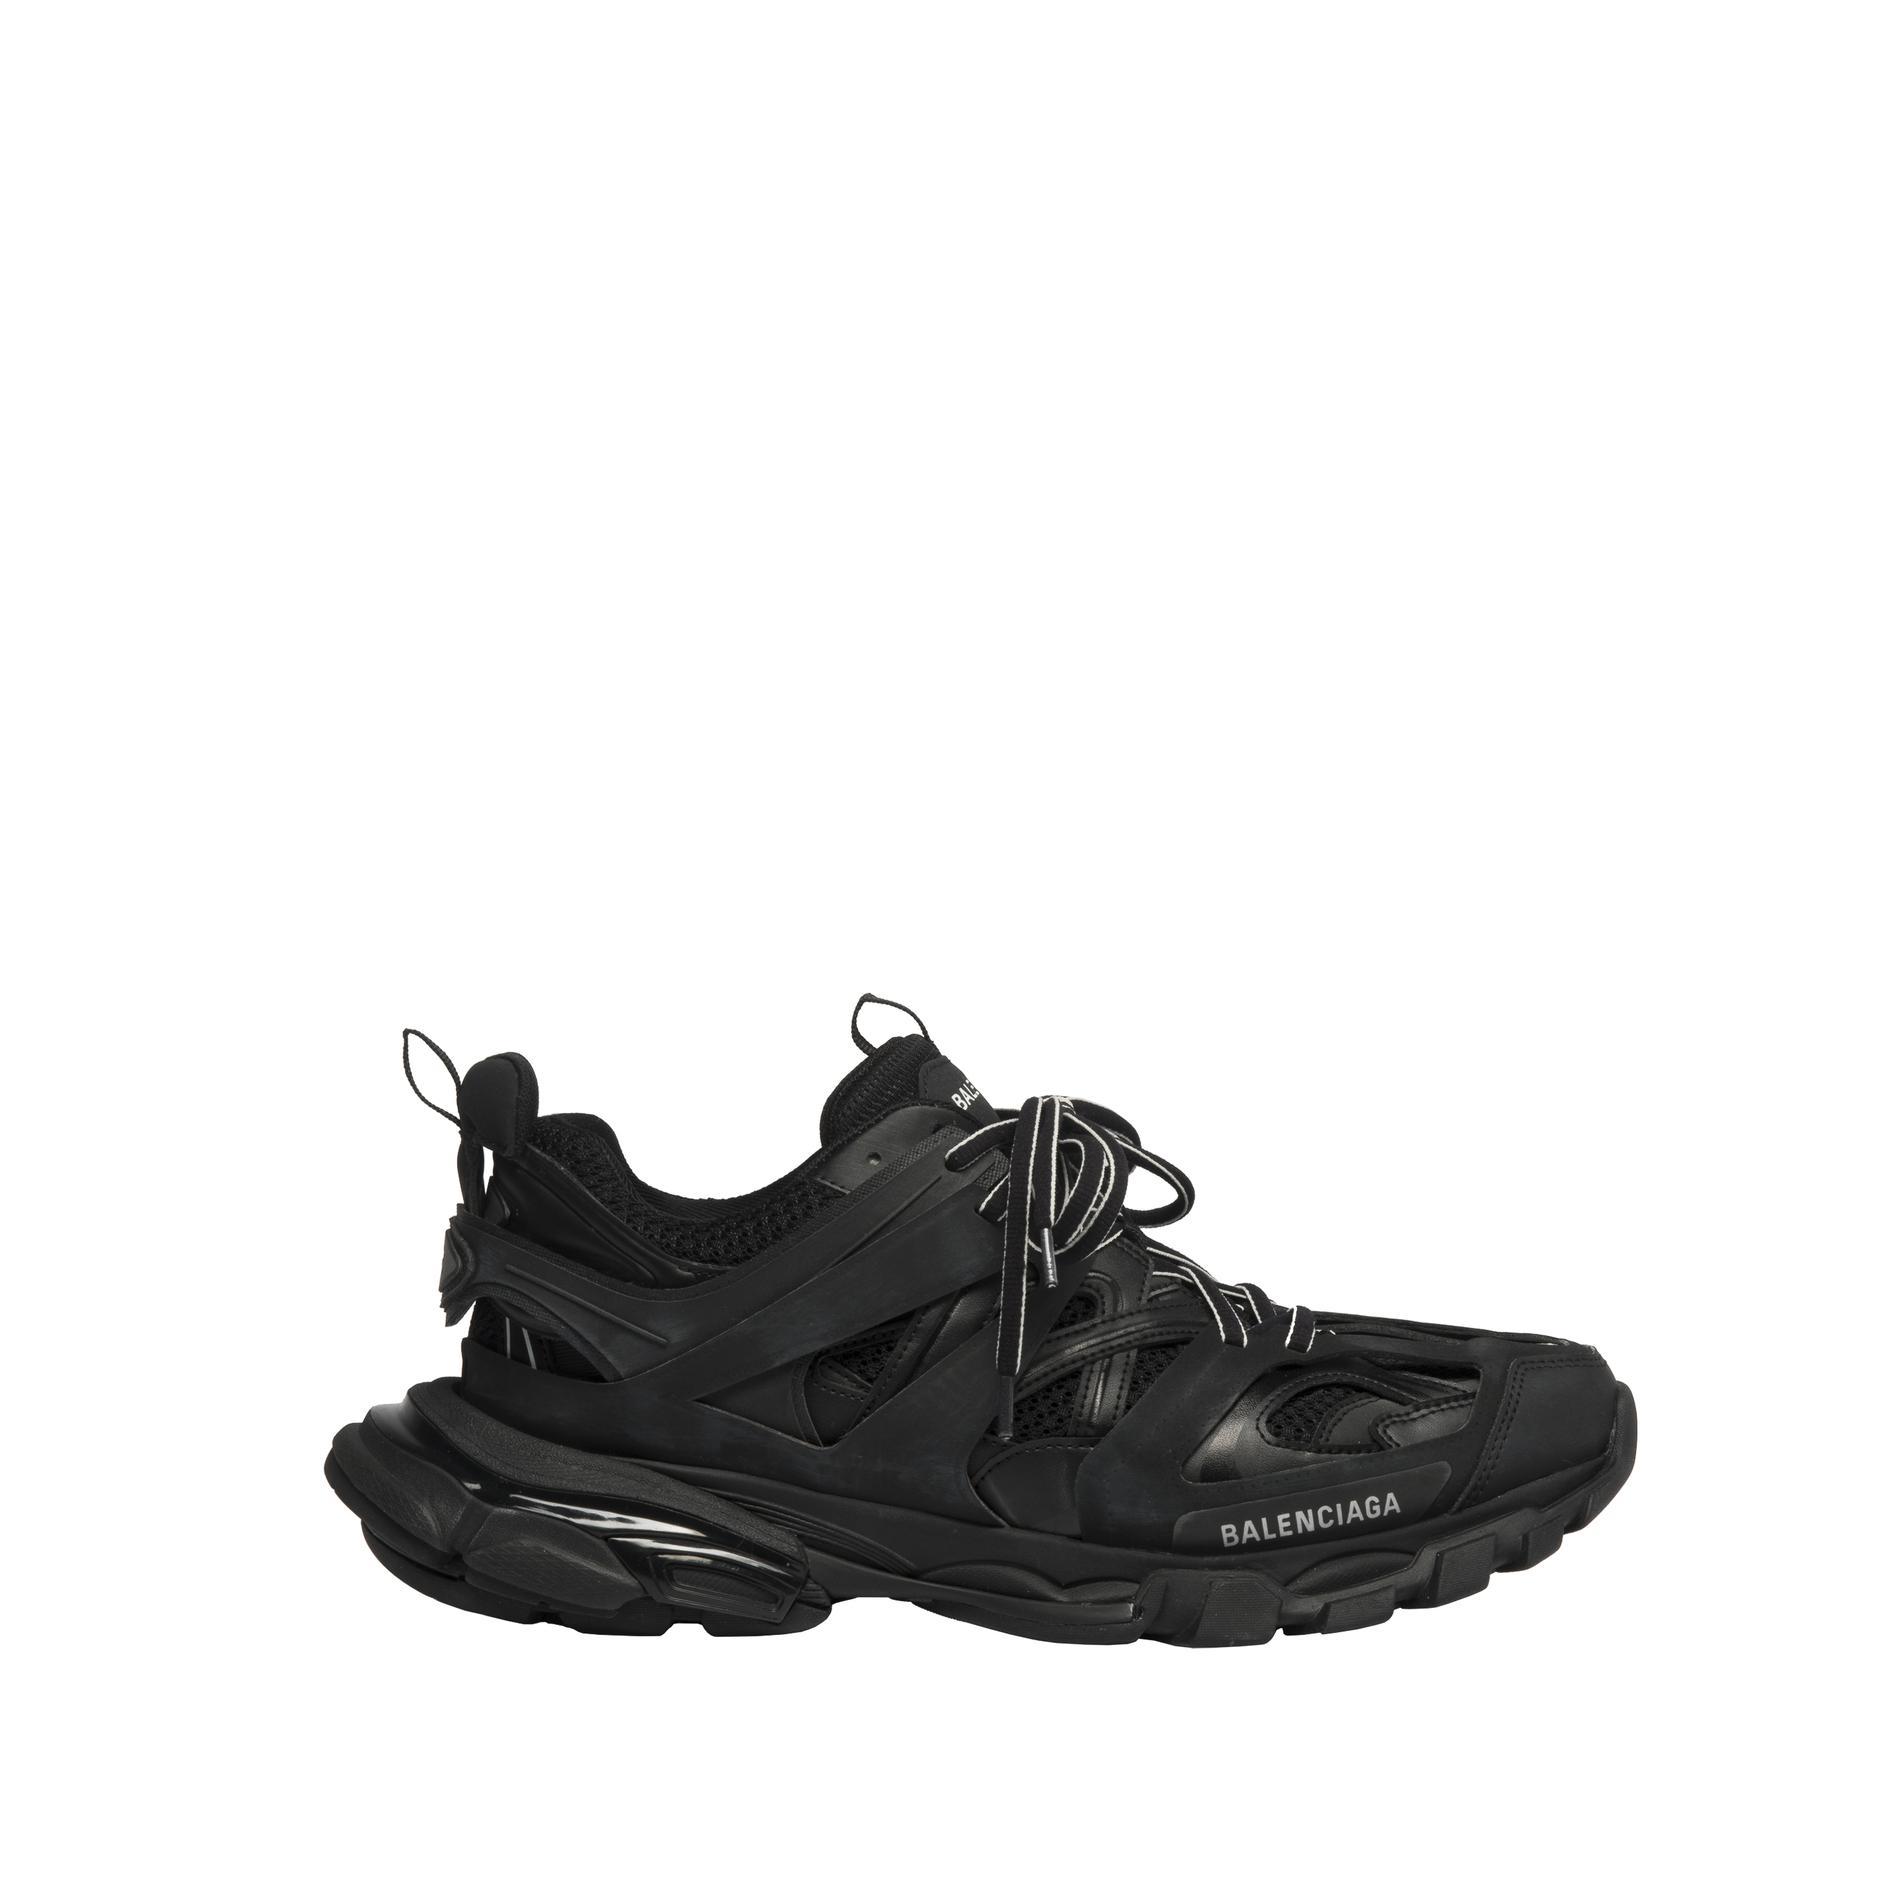 Falloir Retour Sont De S'y HiverLes Shoes Va FaireCet Dad Il X0OPknw8